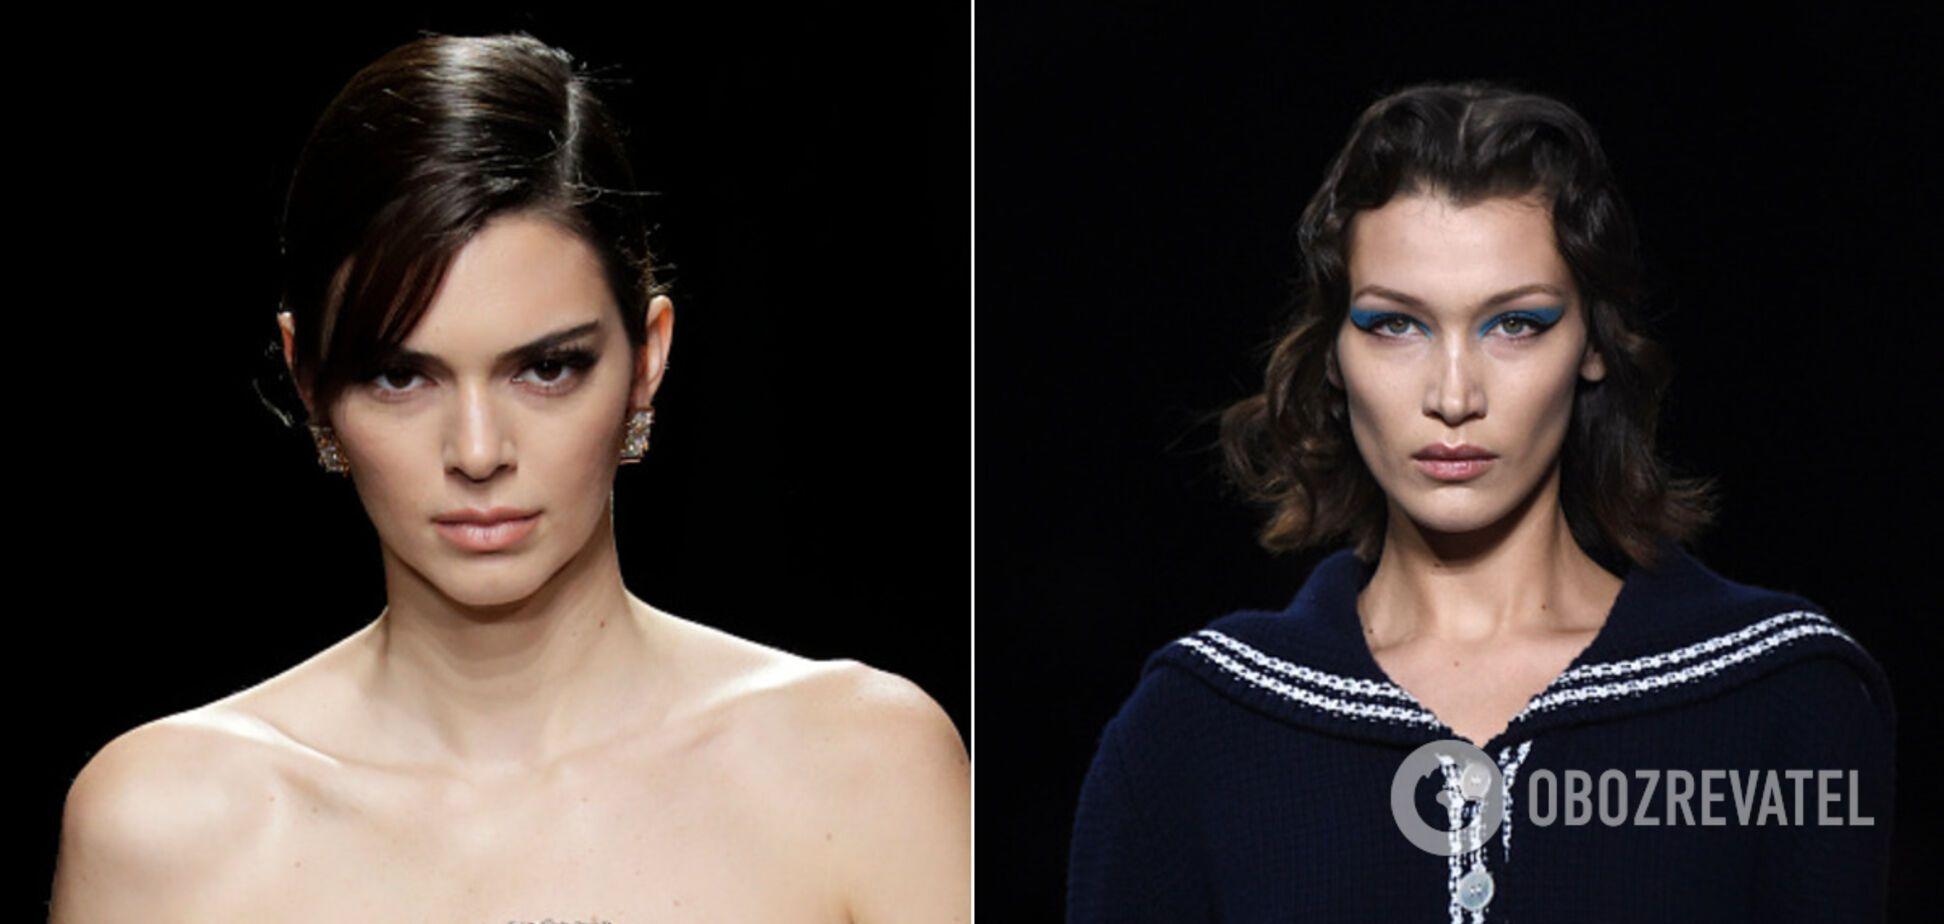 'Лисьи глаза', как у звезд: женщин захватил новый тренд. Фото